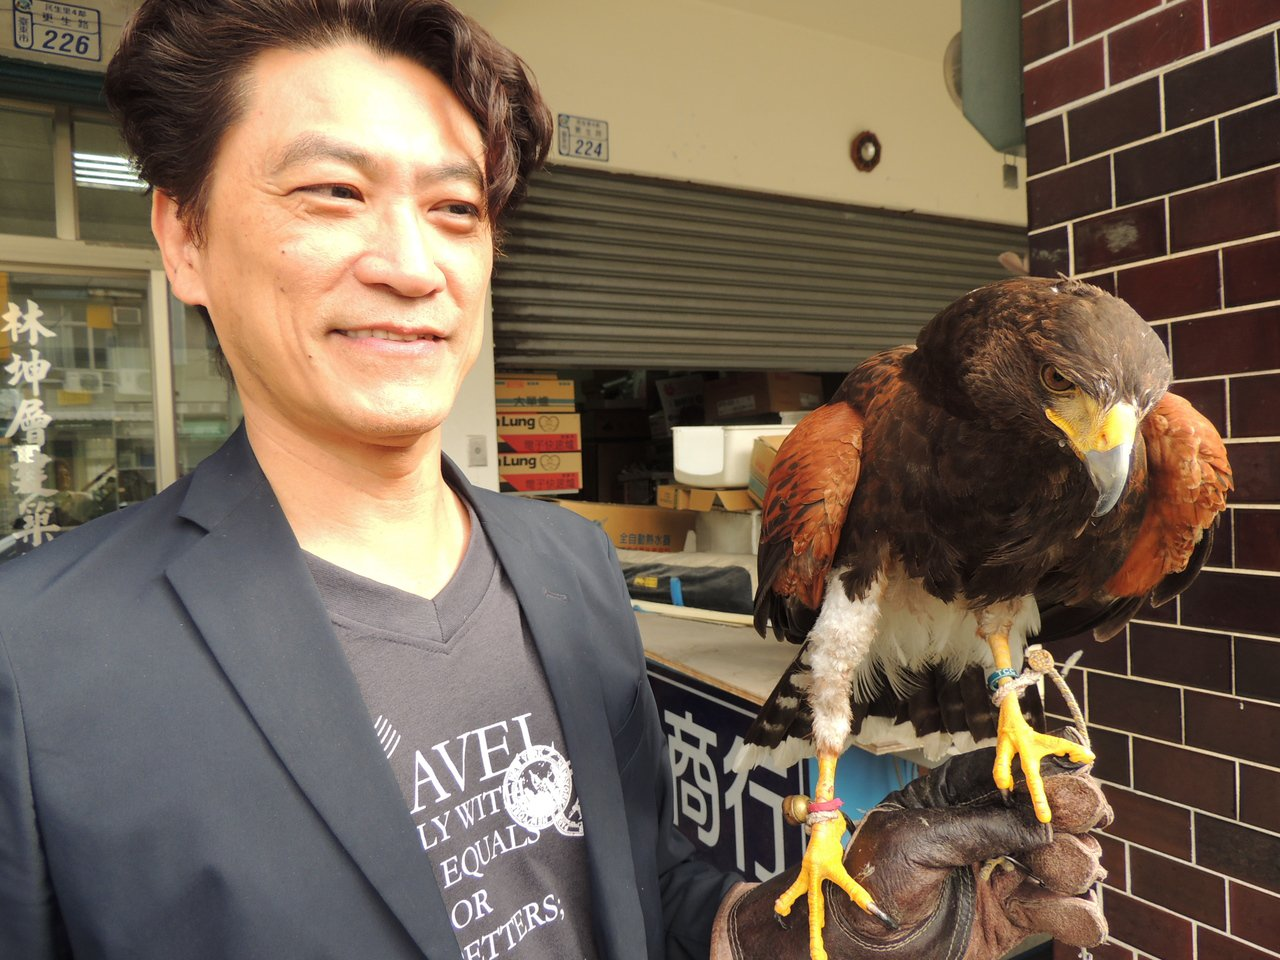 台東知名建築師林坤層飼養猛禽栗翅鷹「Look(路克)」六年多,人鷹情同父子鄉。 ...